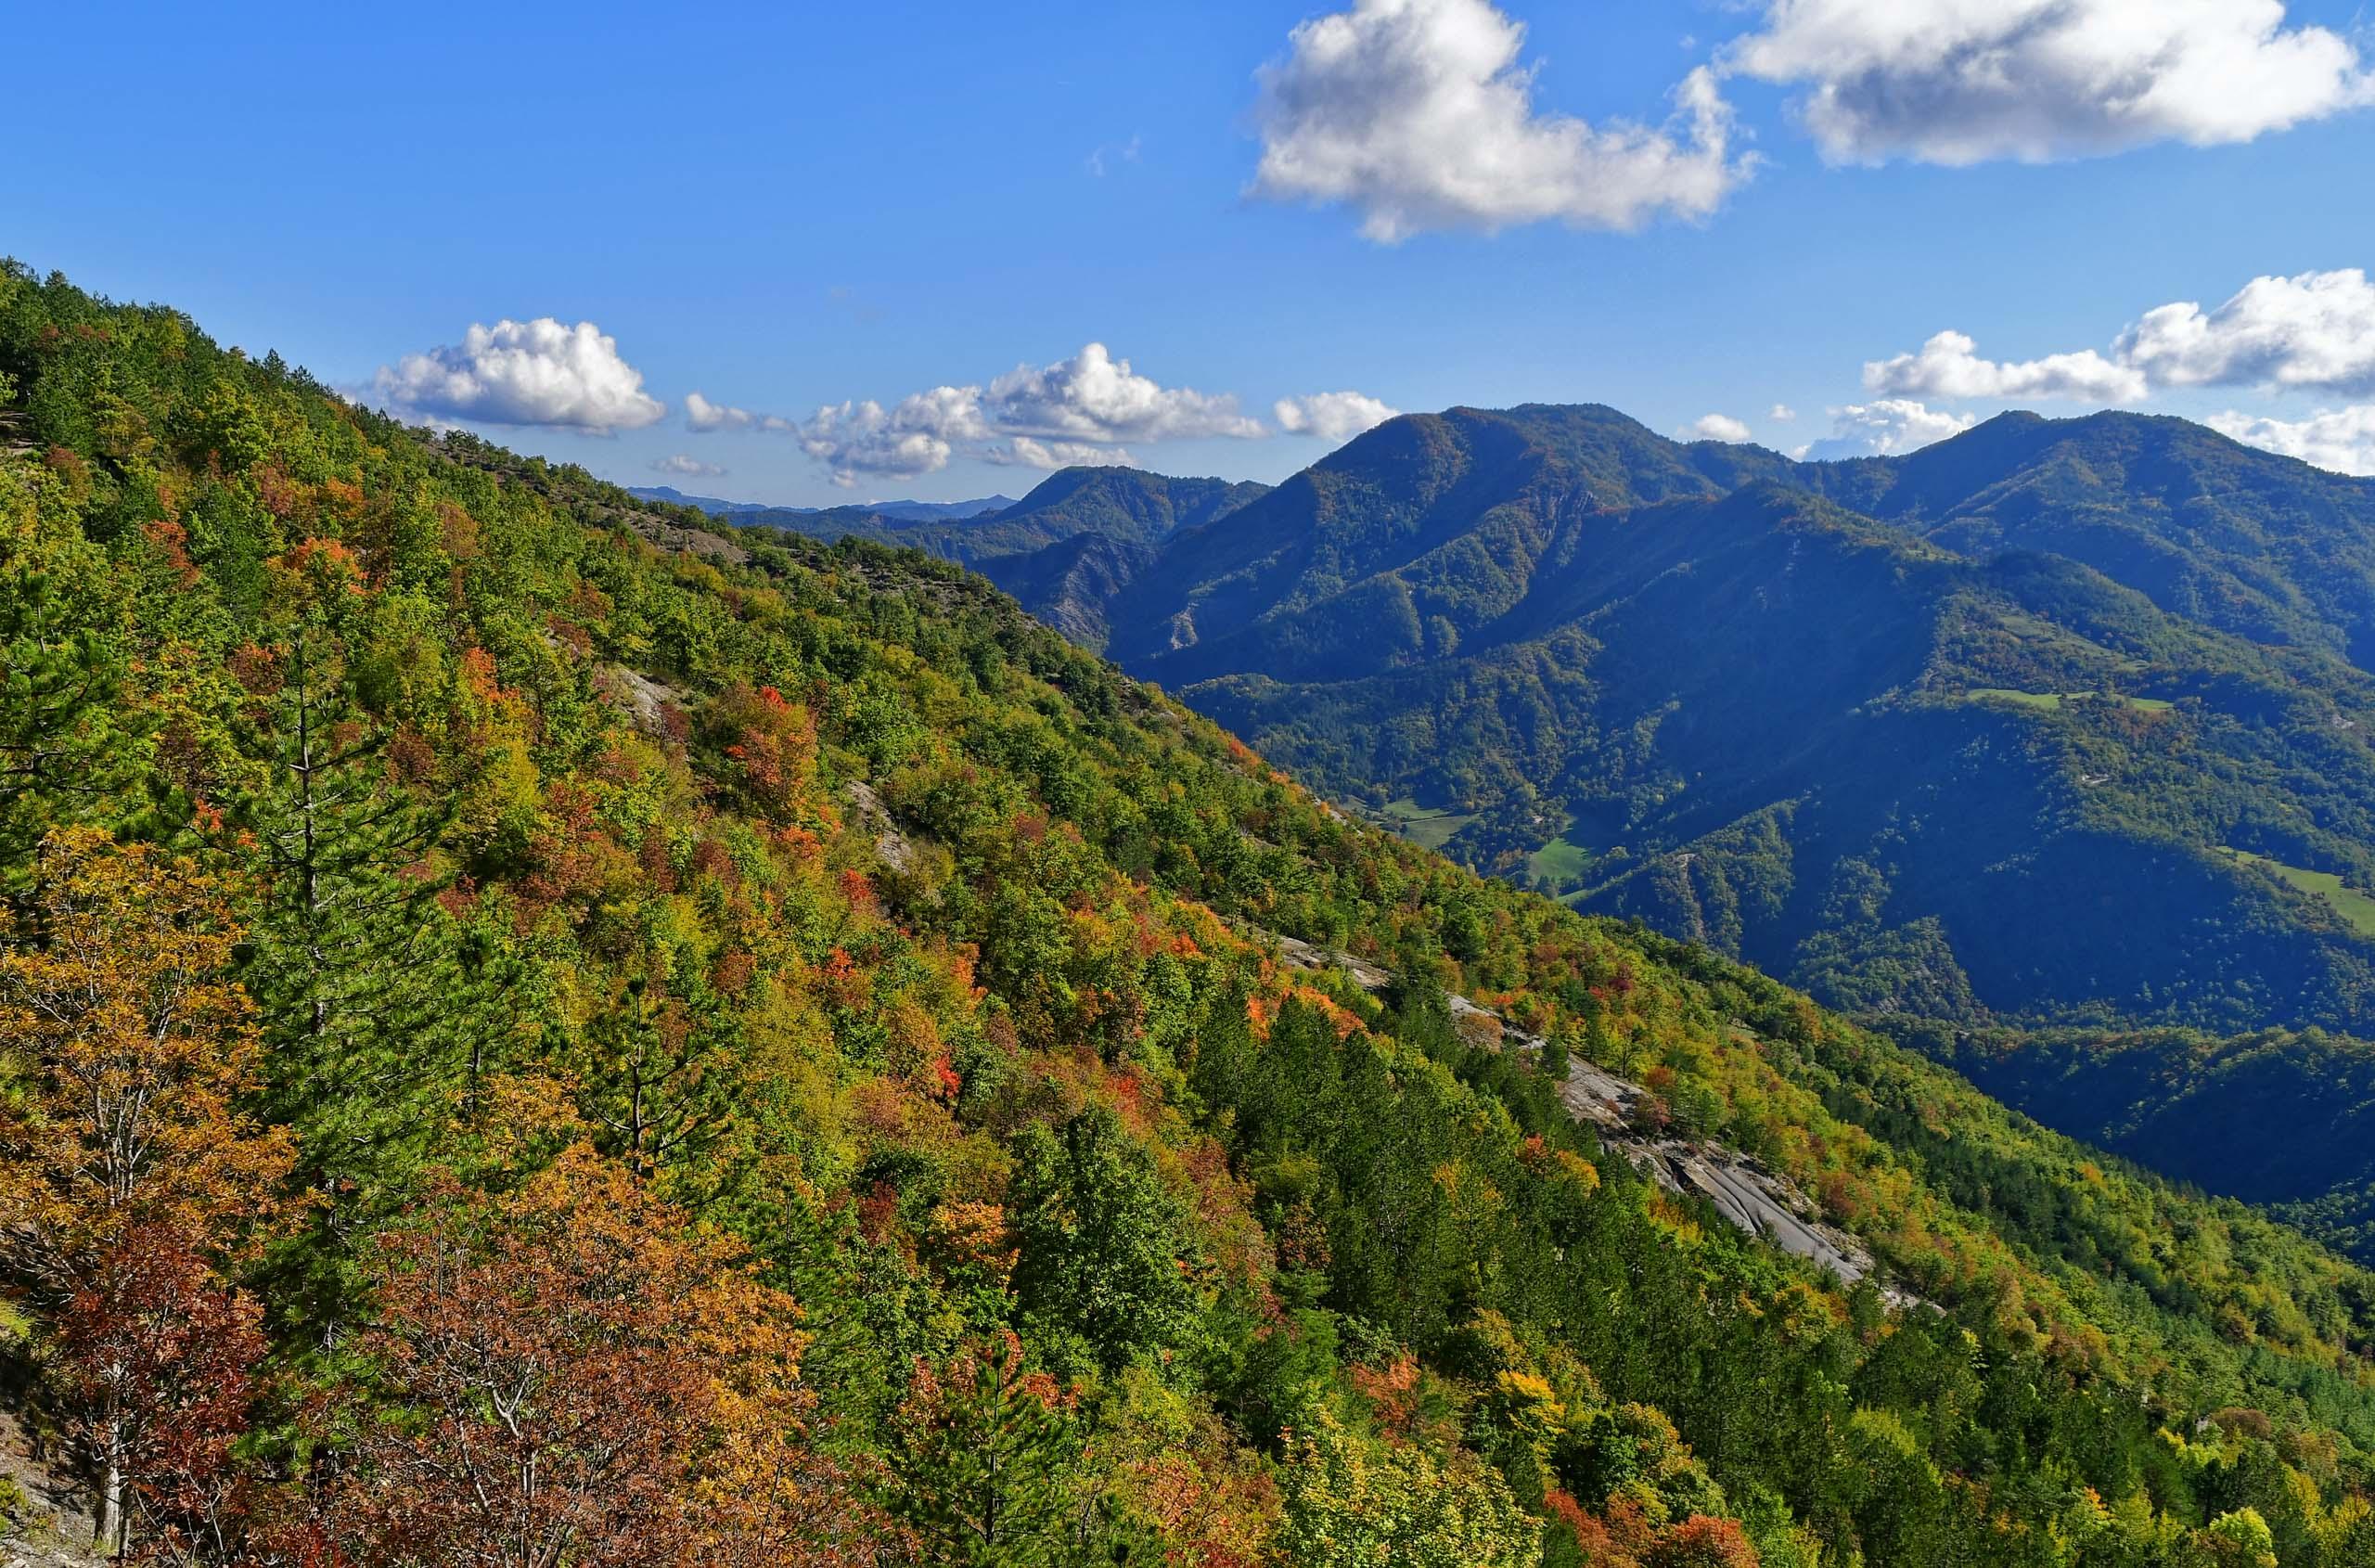 Ausblick auf die Hügel des Foreste Casentinesi im Herbst